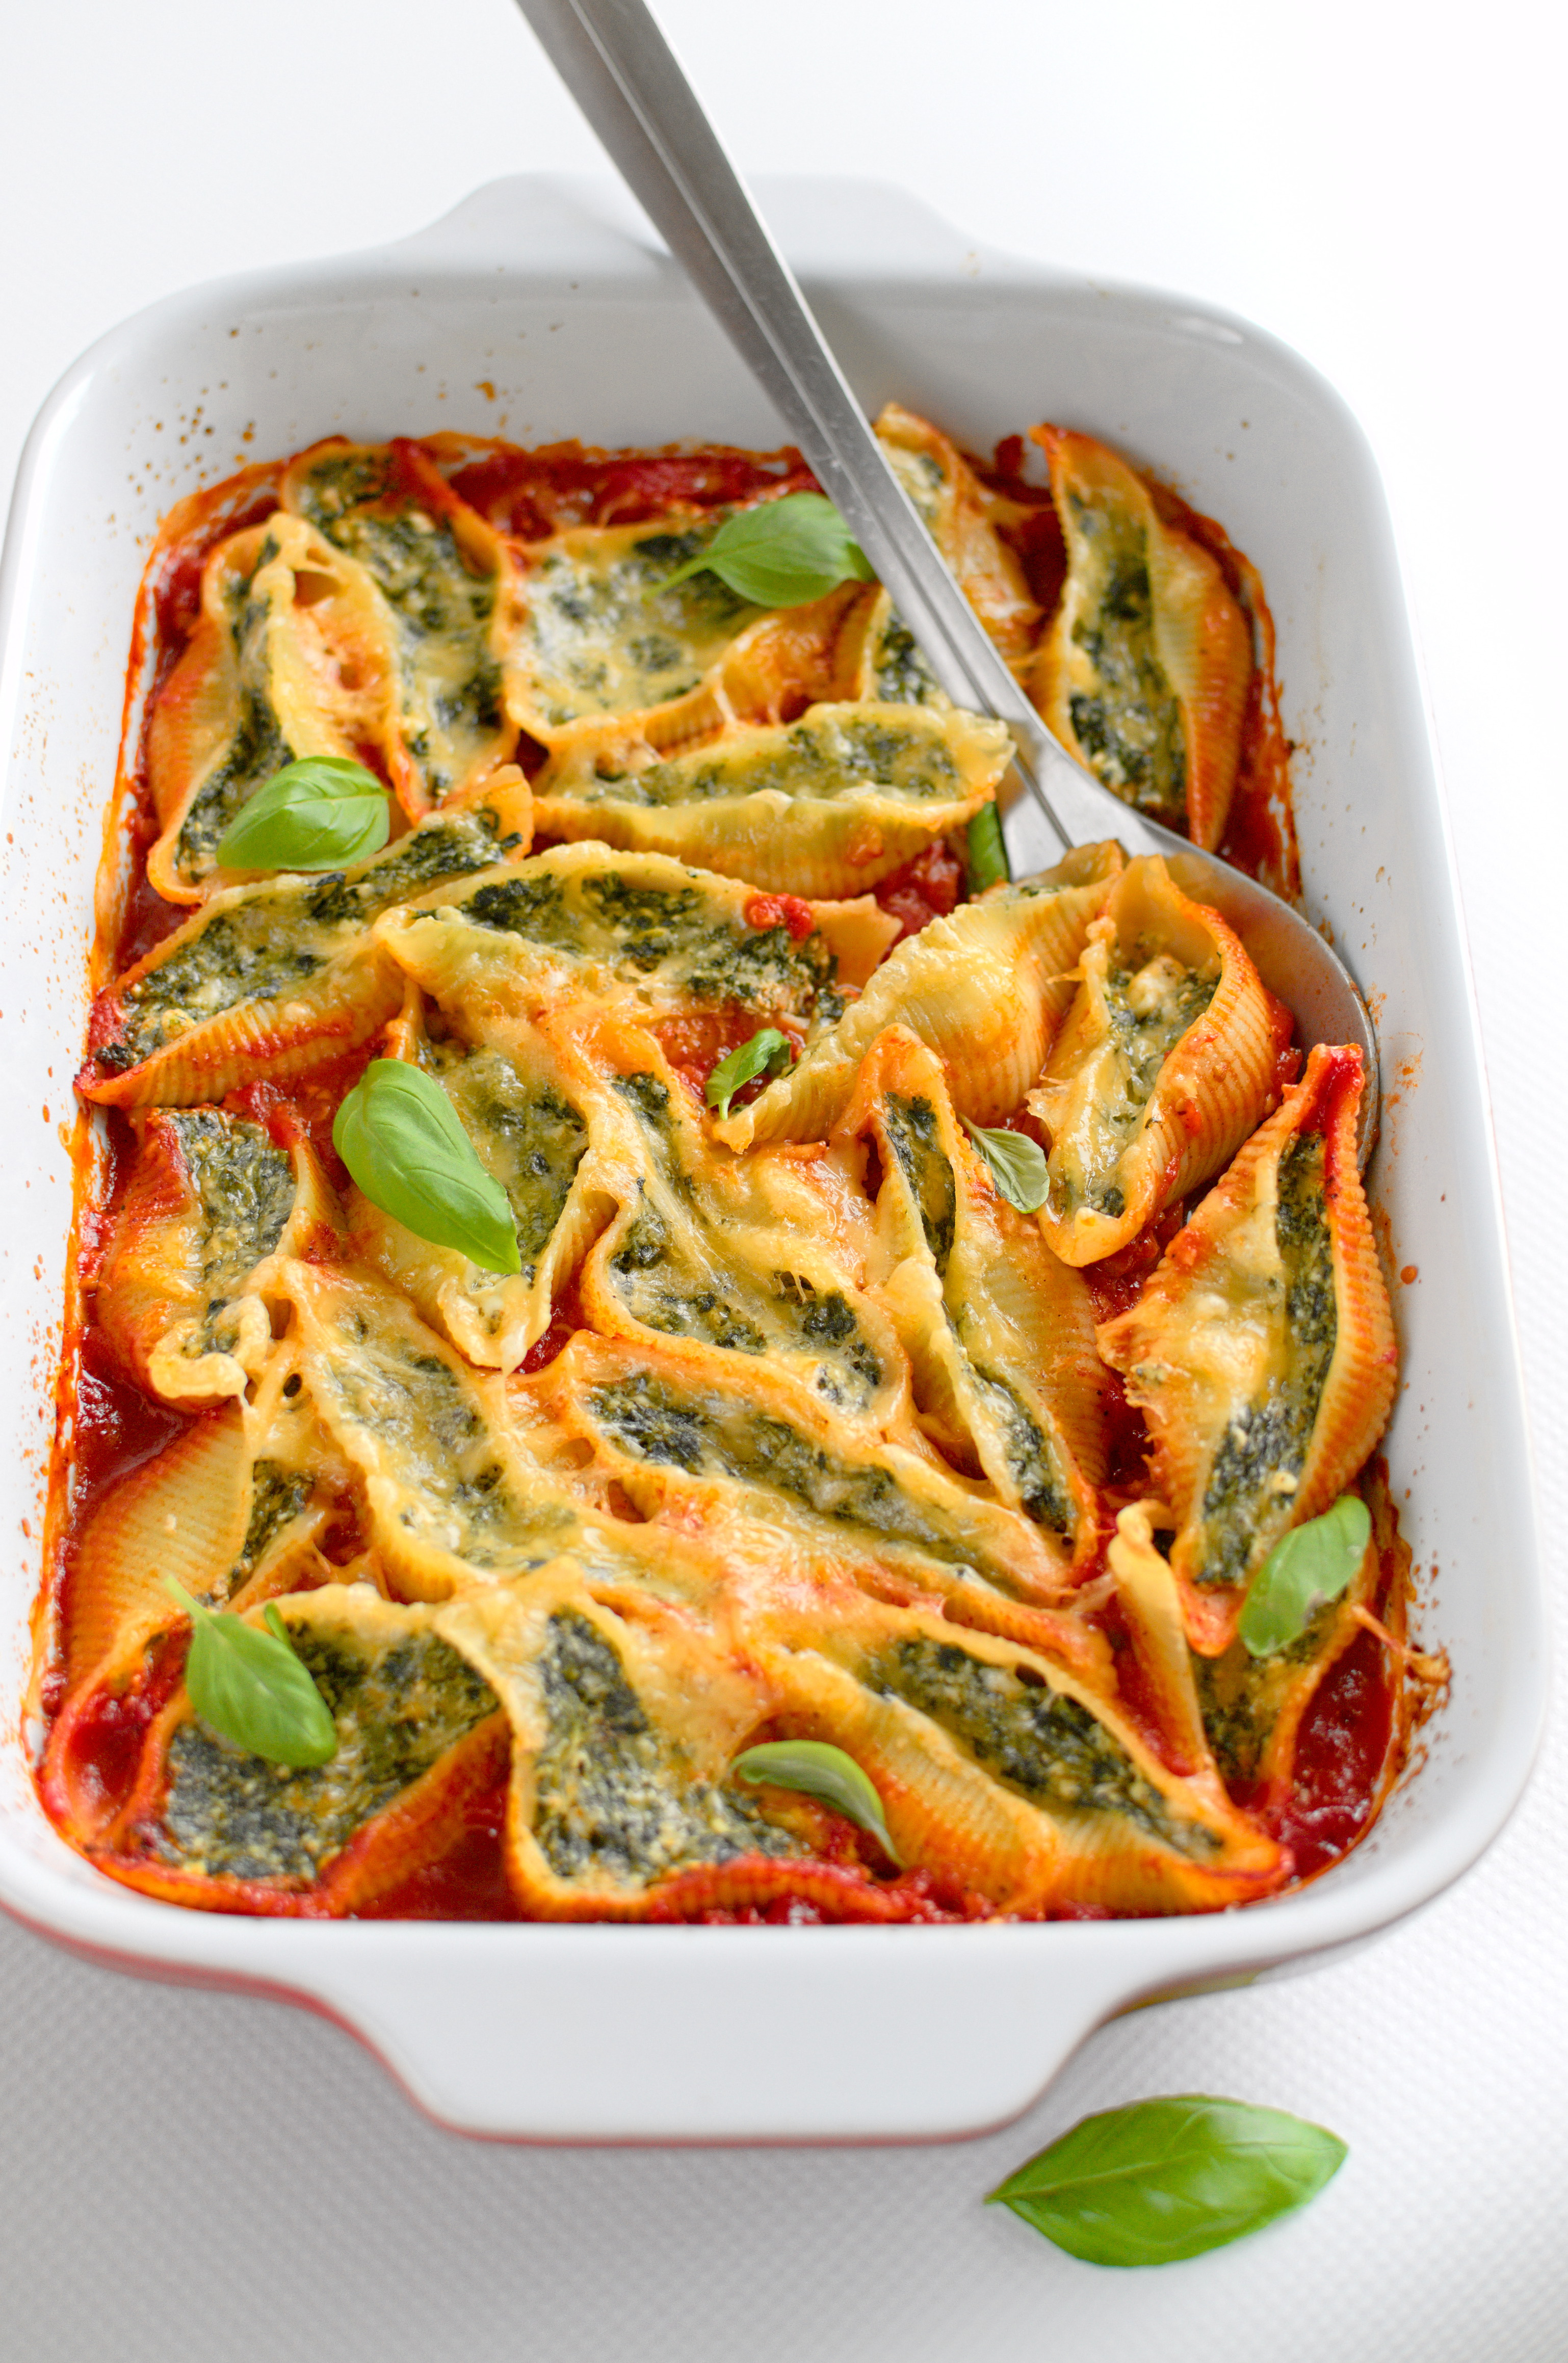 Muszle makaronowe faszerowane szpinakiem i serem zapieczone w sosie pomidorowym